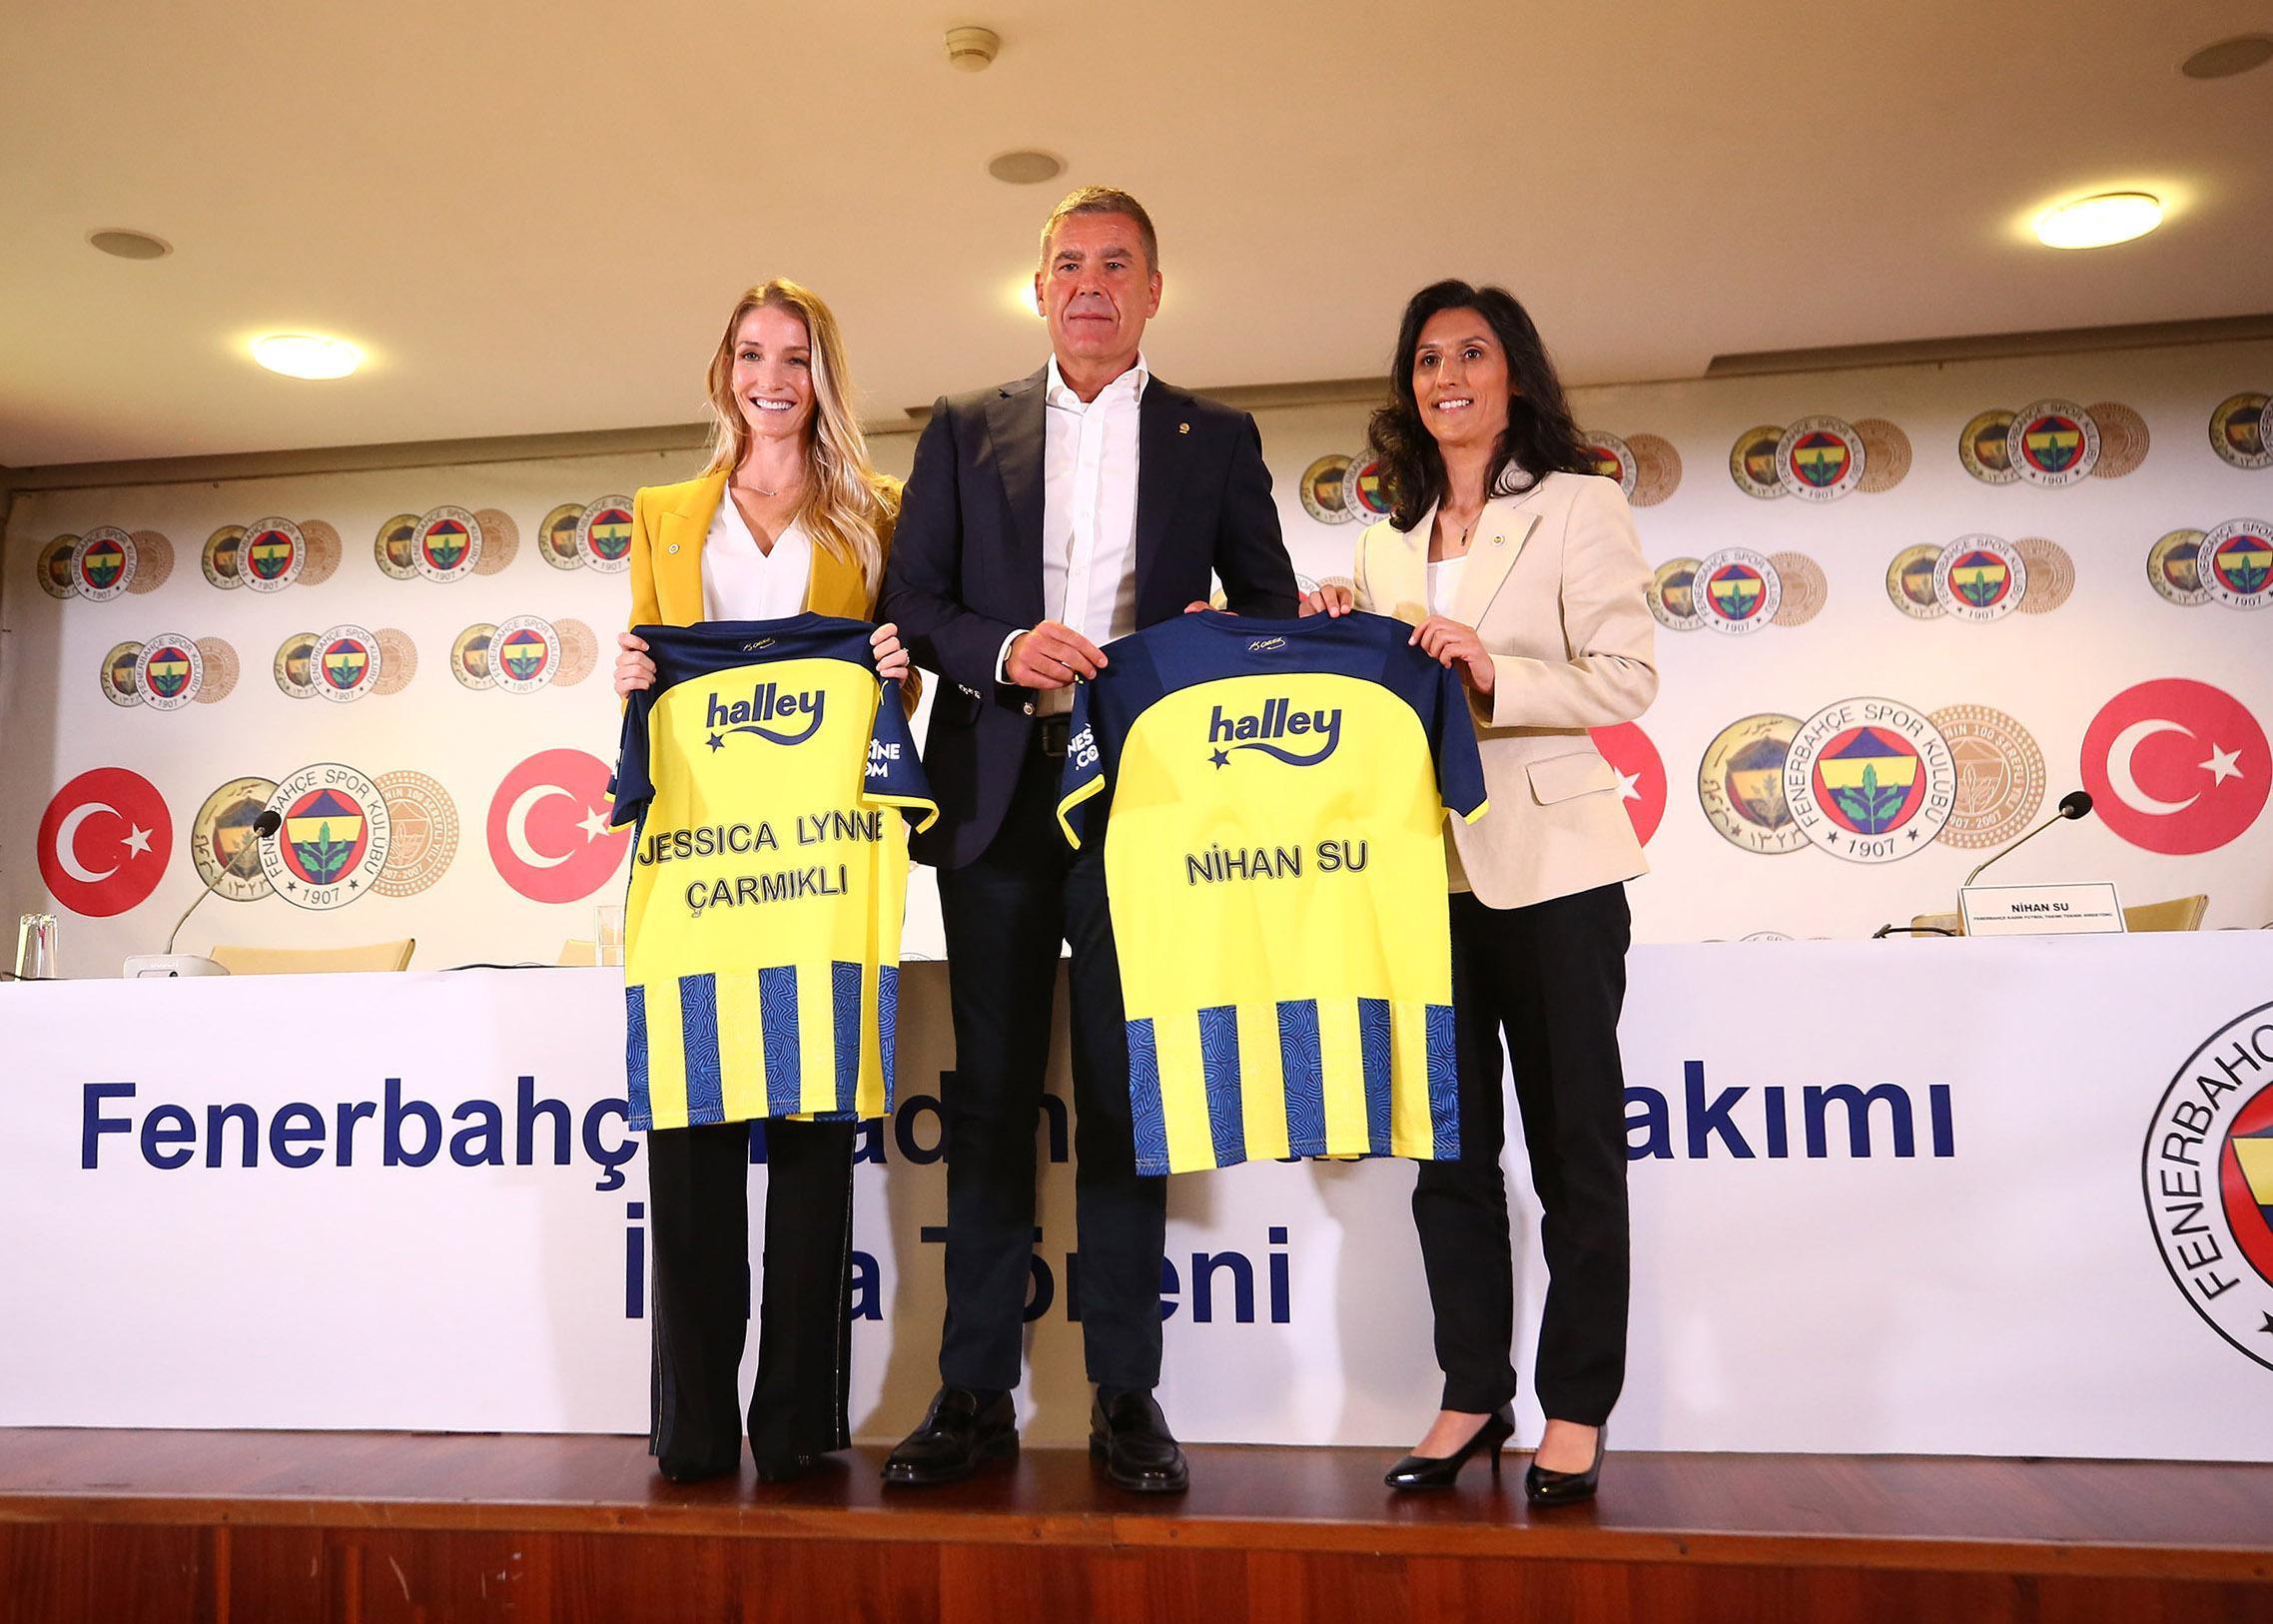 Fenerbahçe Kadın Futbol Takımı kuruldu ve ilk teknik direktör...